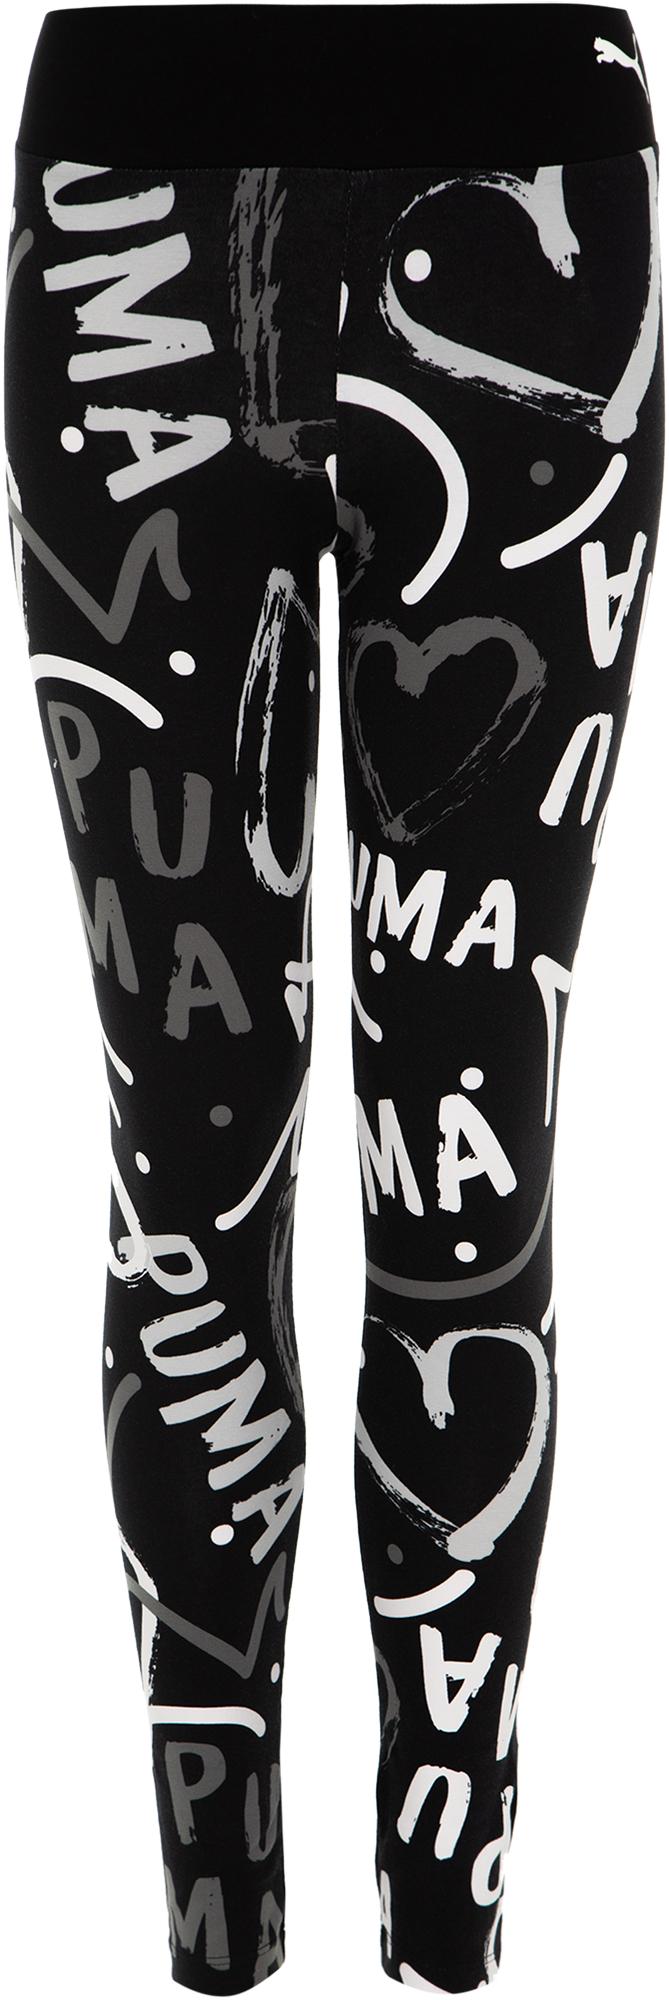 цена Puma Легинсы для девочек Puma Alpha AOP, размер 164 онлайн в 2017 году